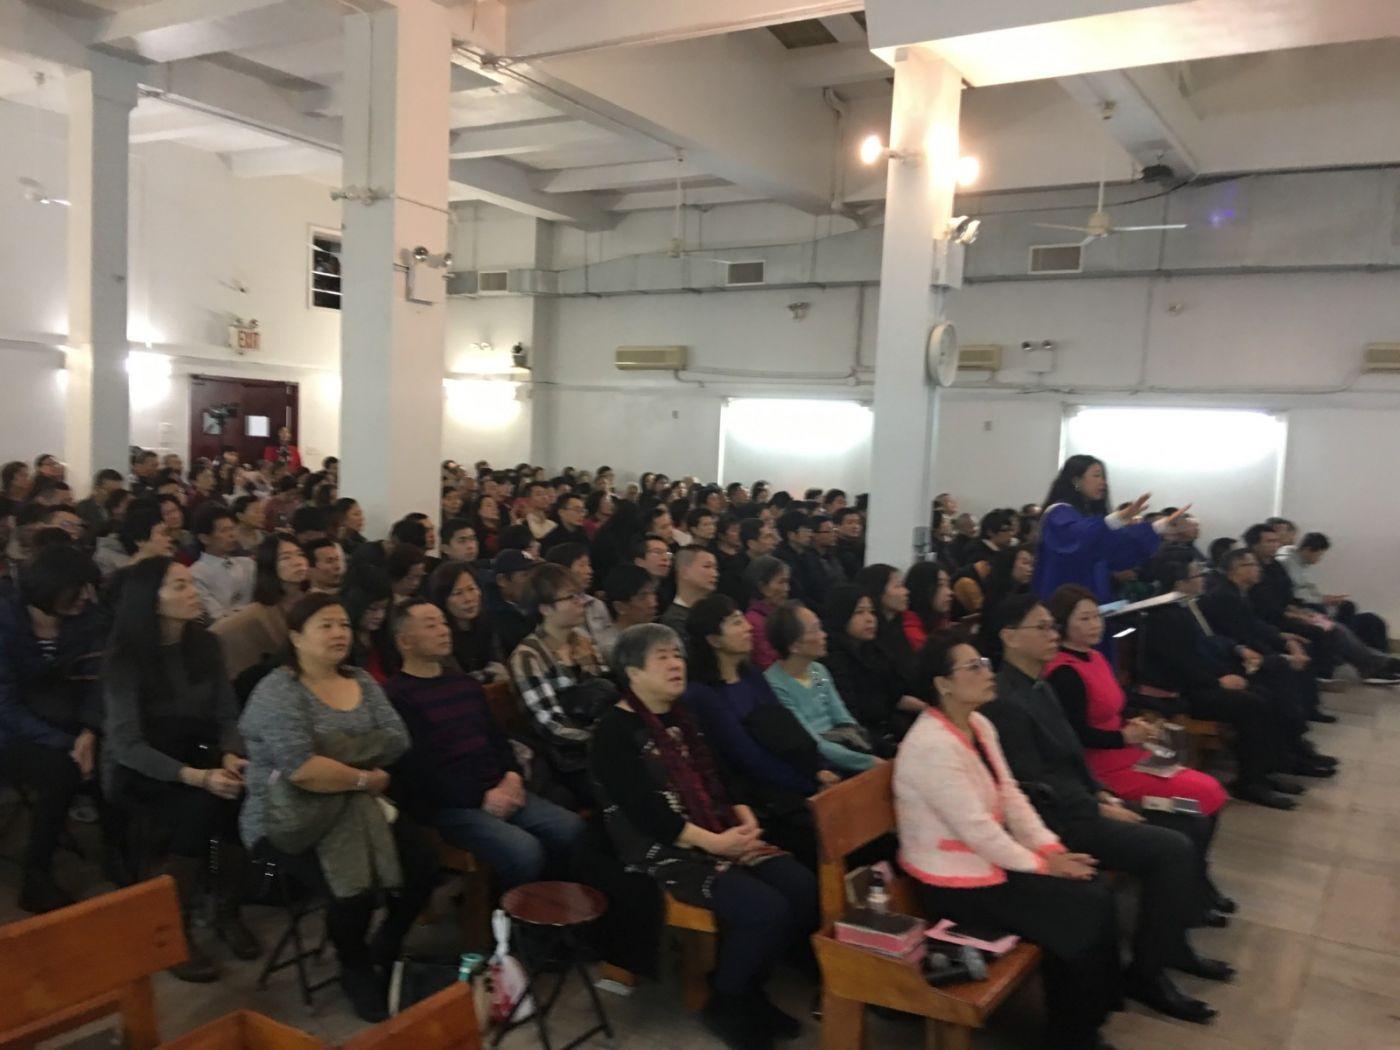 2019紐約基督閩恩教會舉辦感恩節崇拜_图1-8